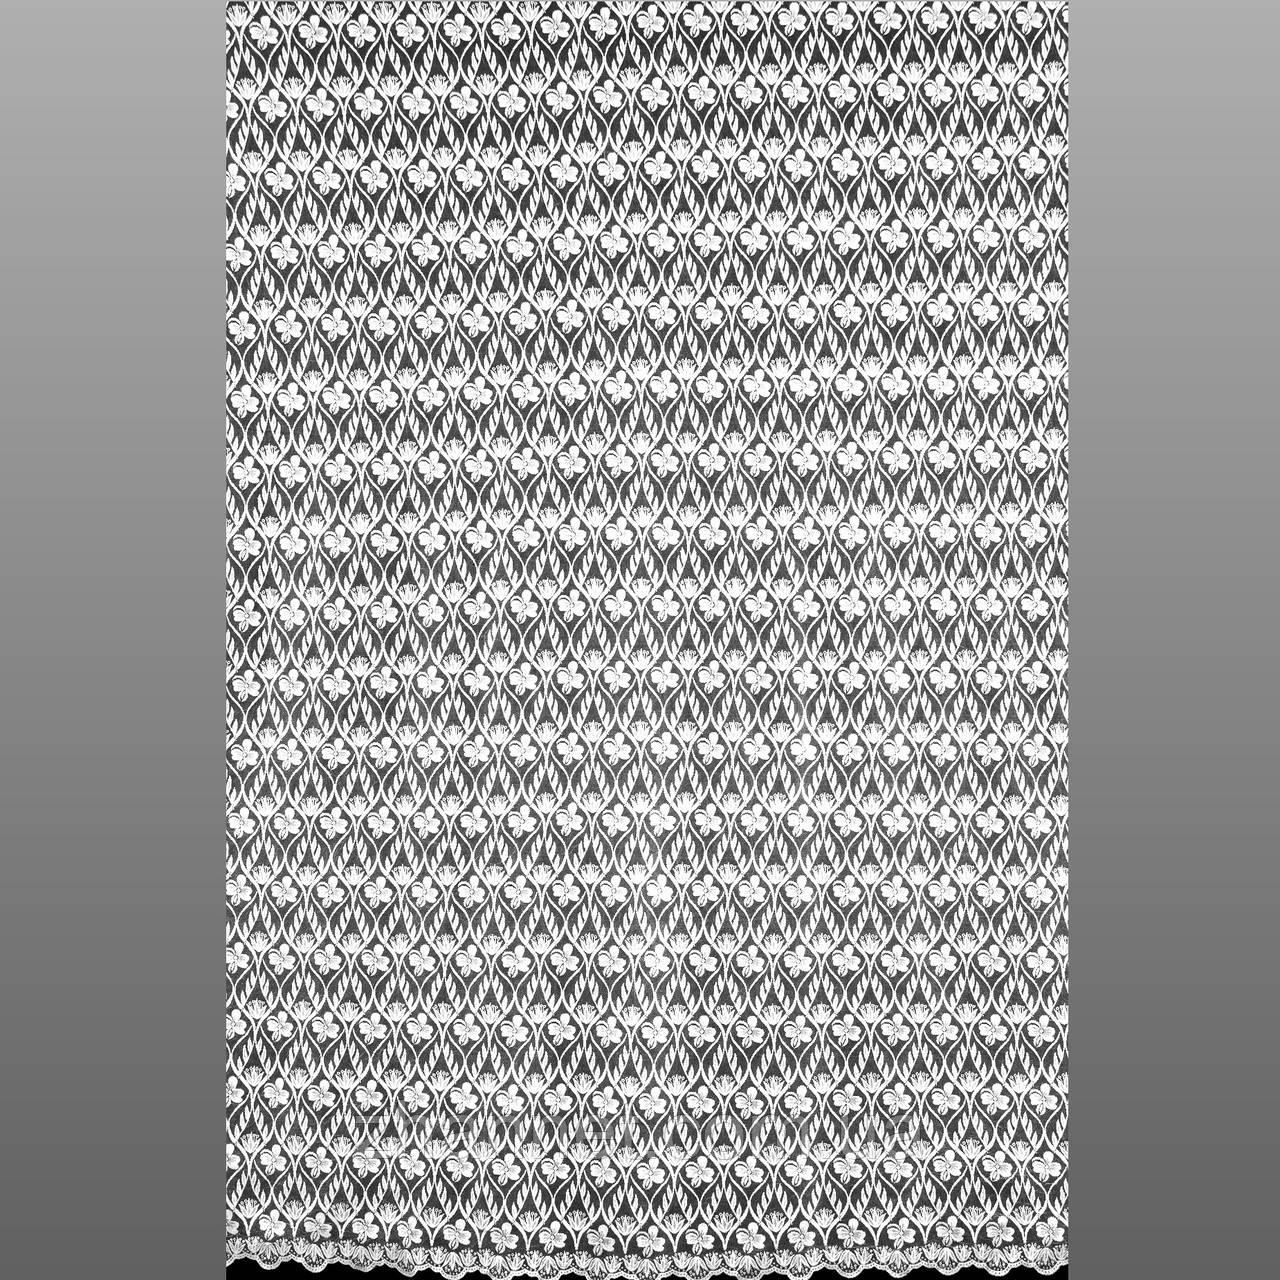 Тюль гіпюр естела про білий 280 см (204301)